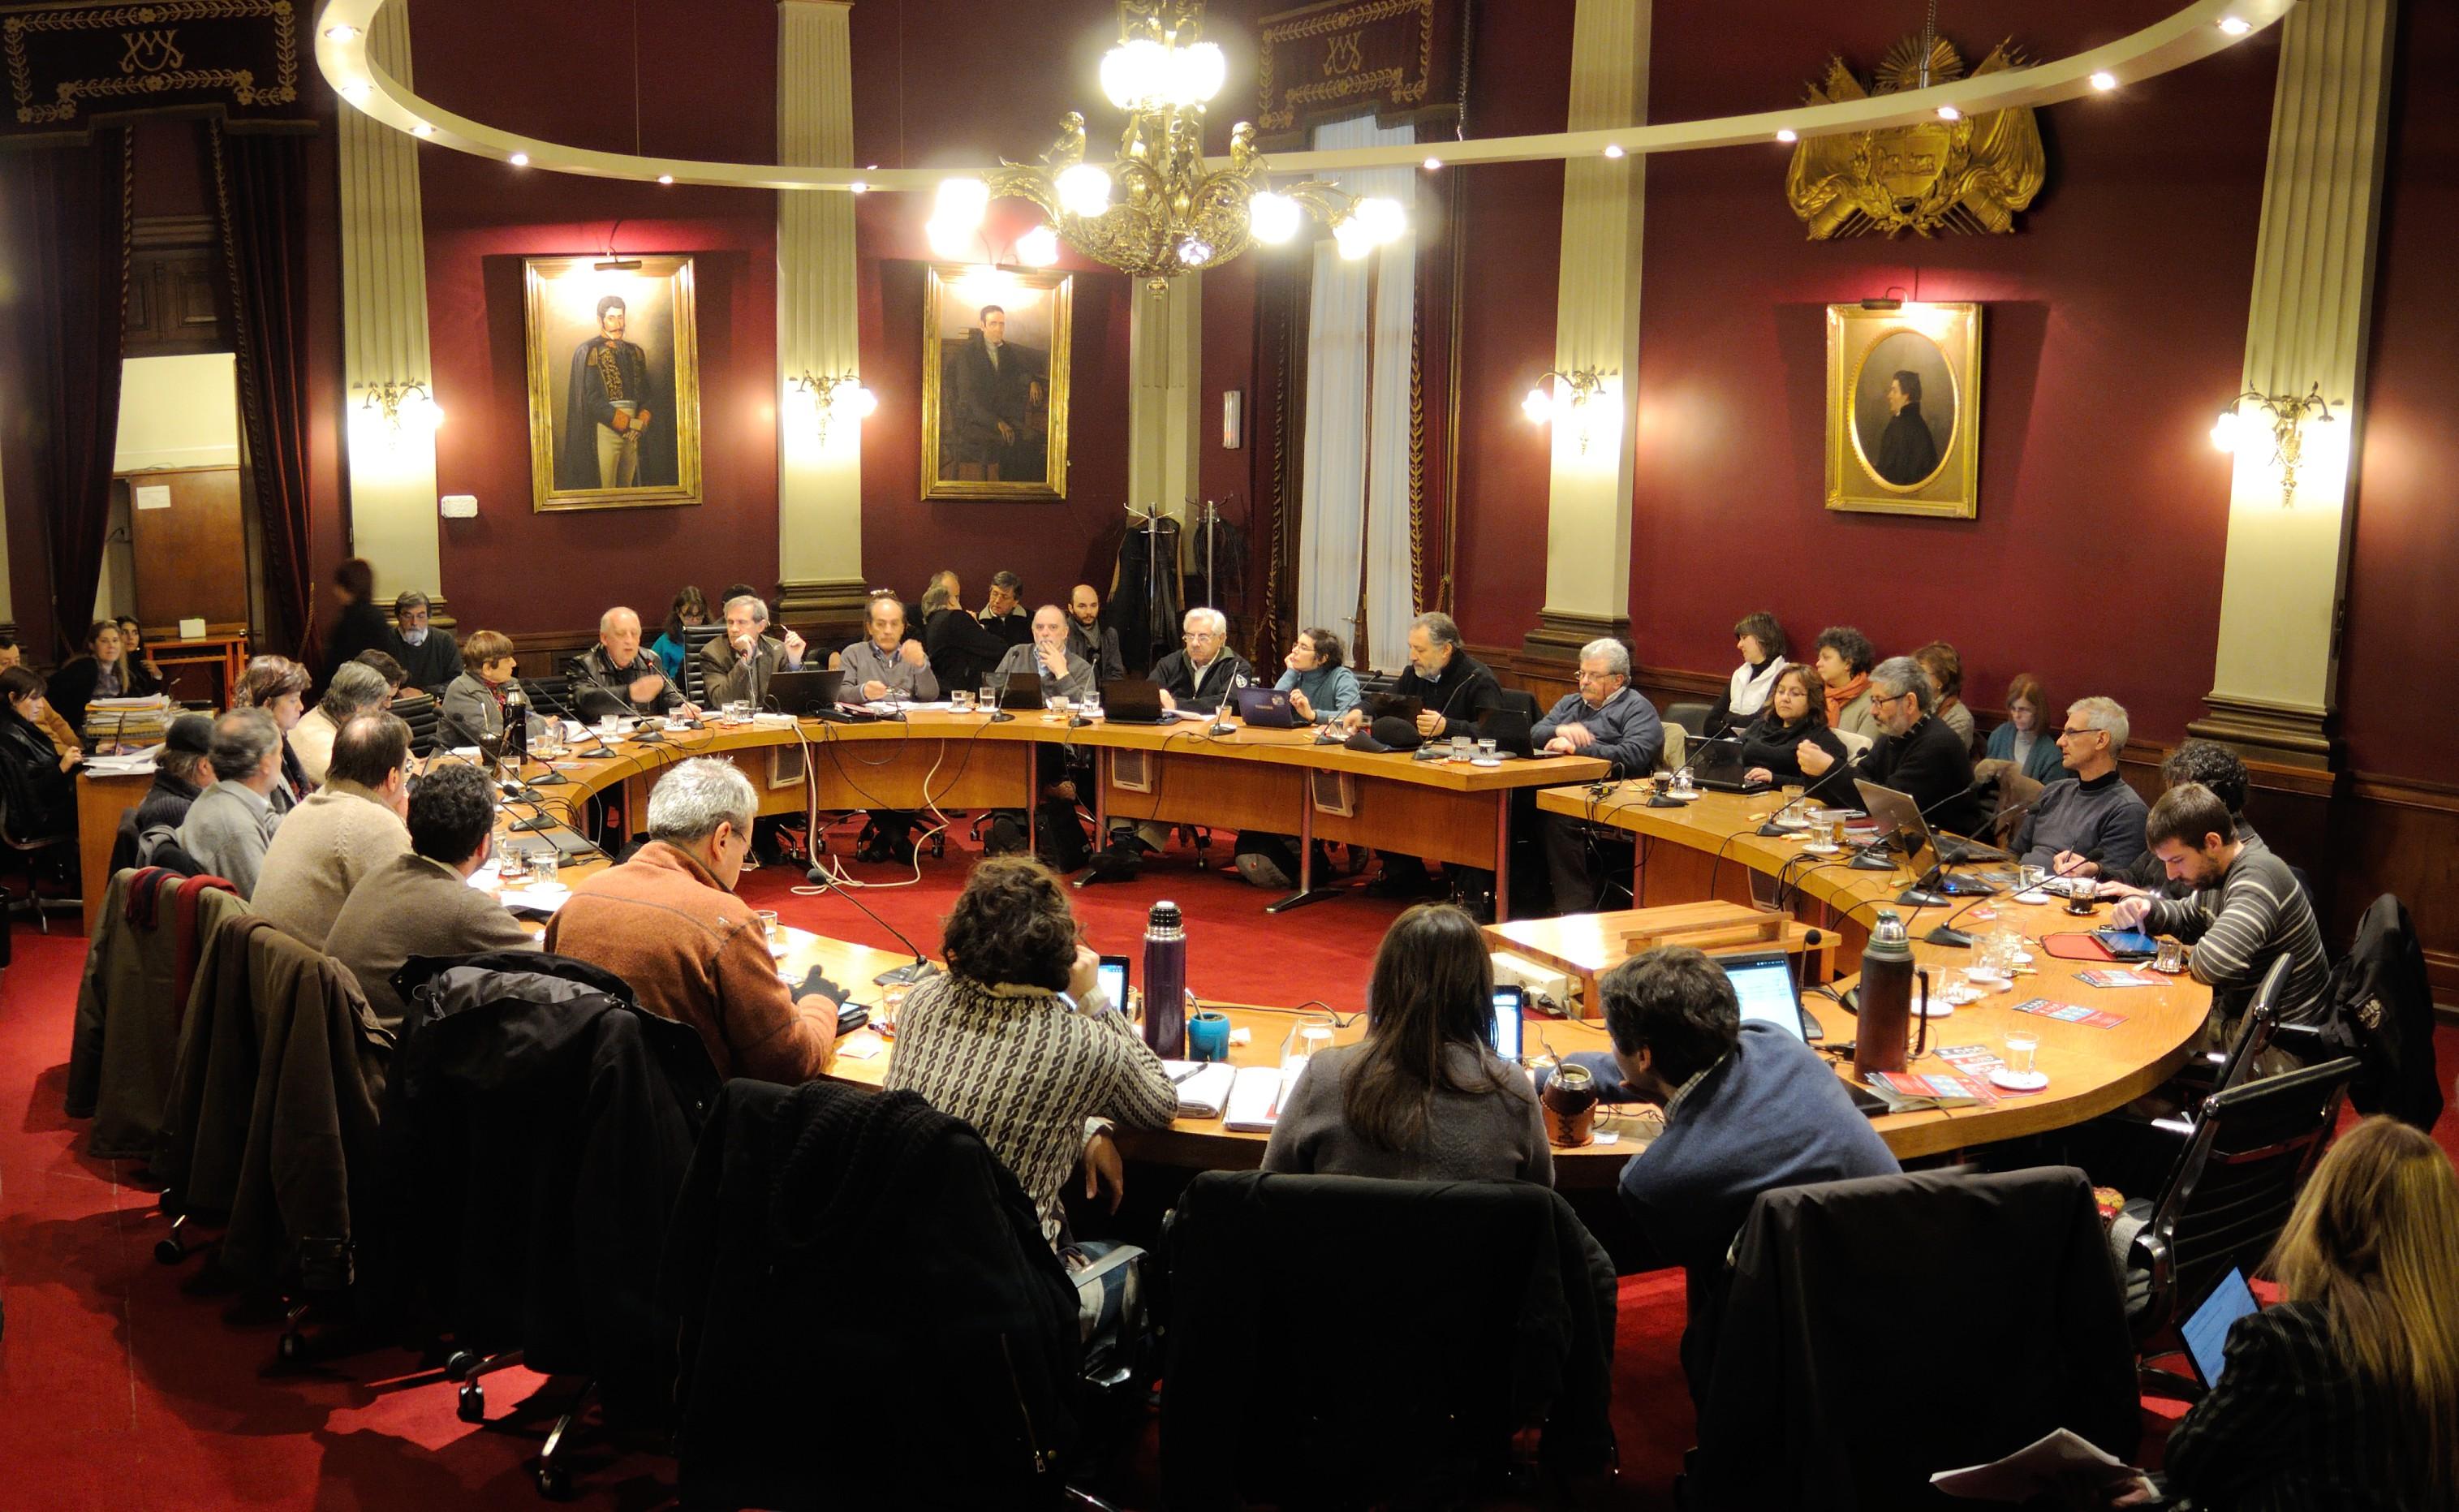 Reunión del Consejo Directivo Central de la Universidad de la República, Uruguay (23 de julio de 2013).